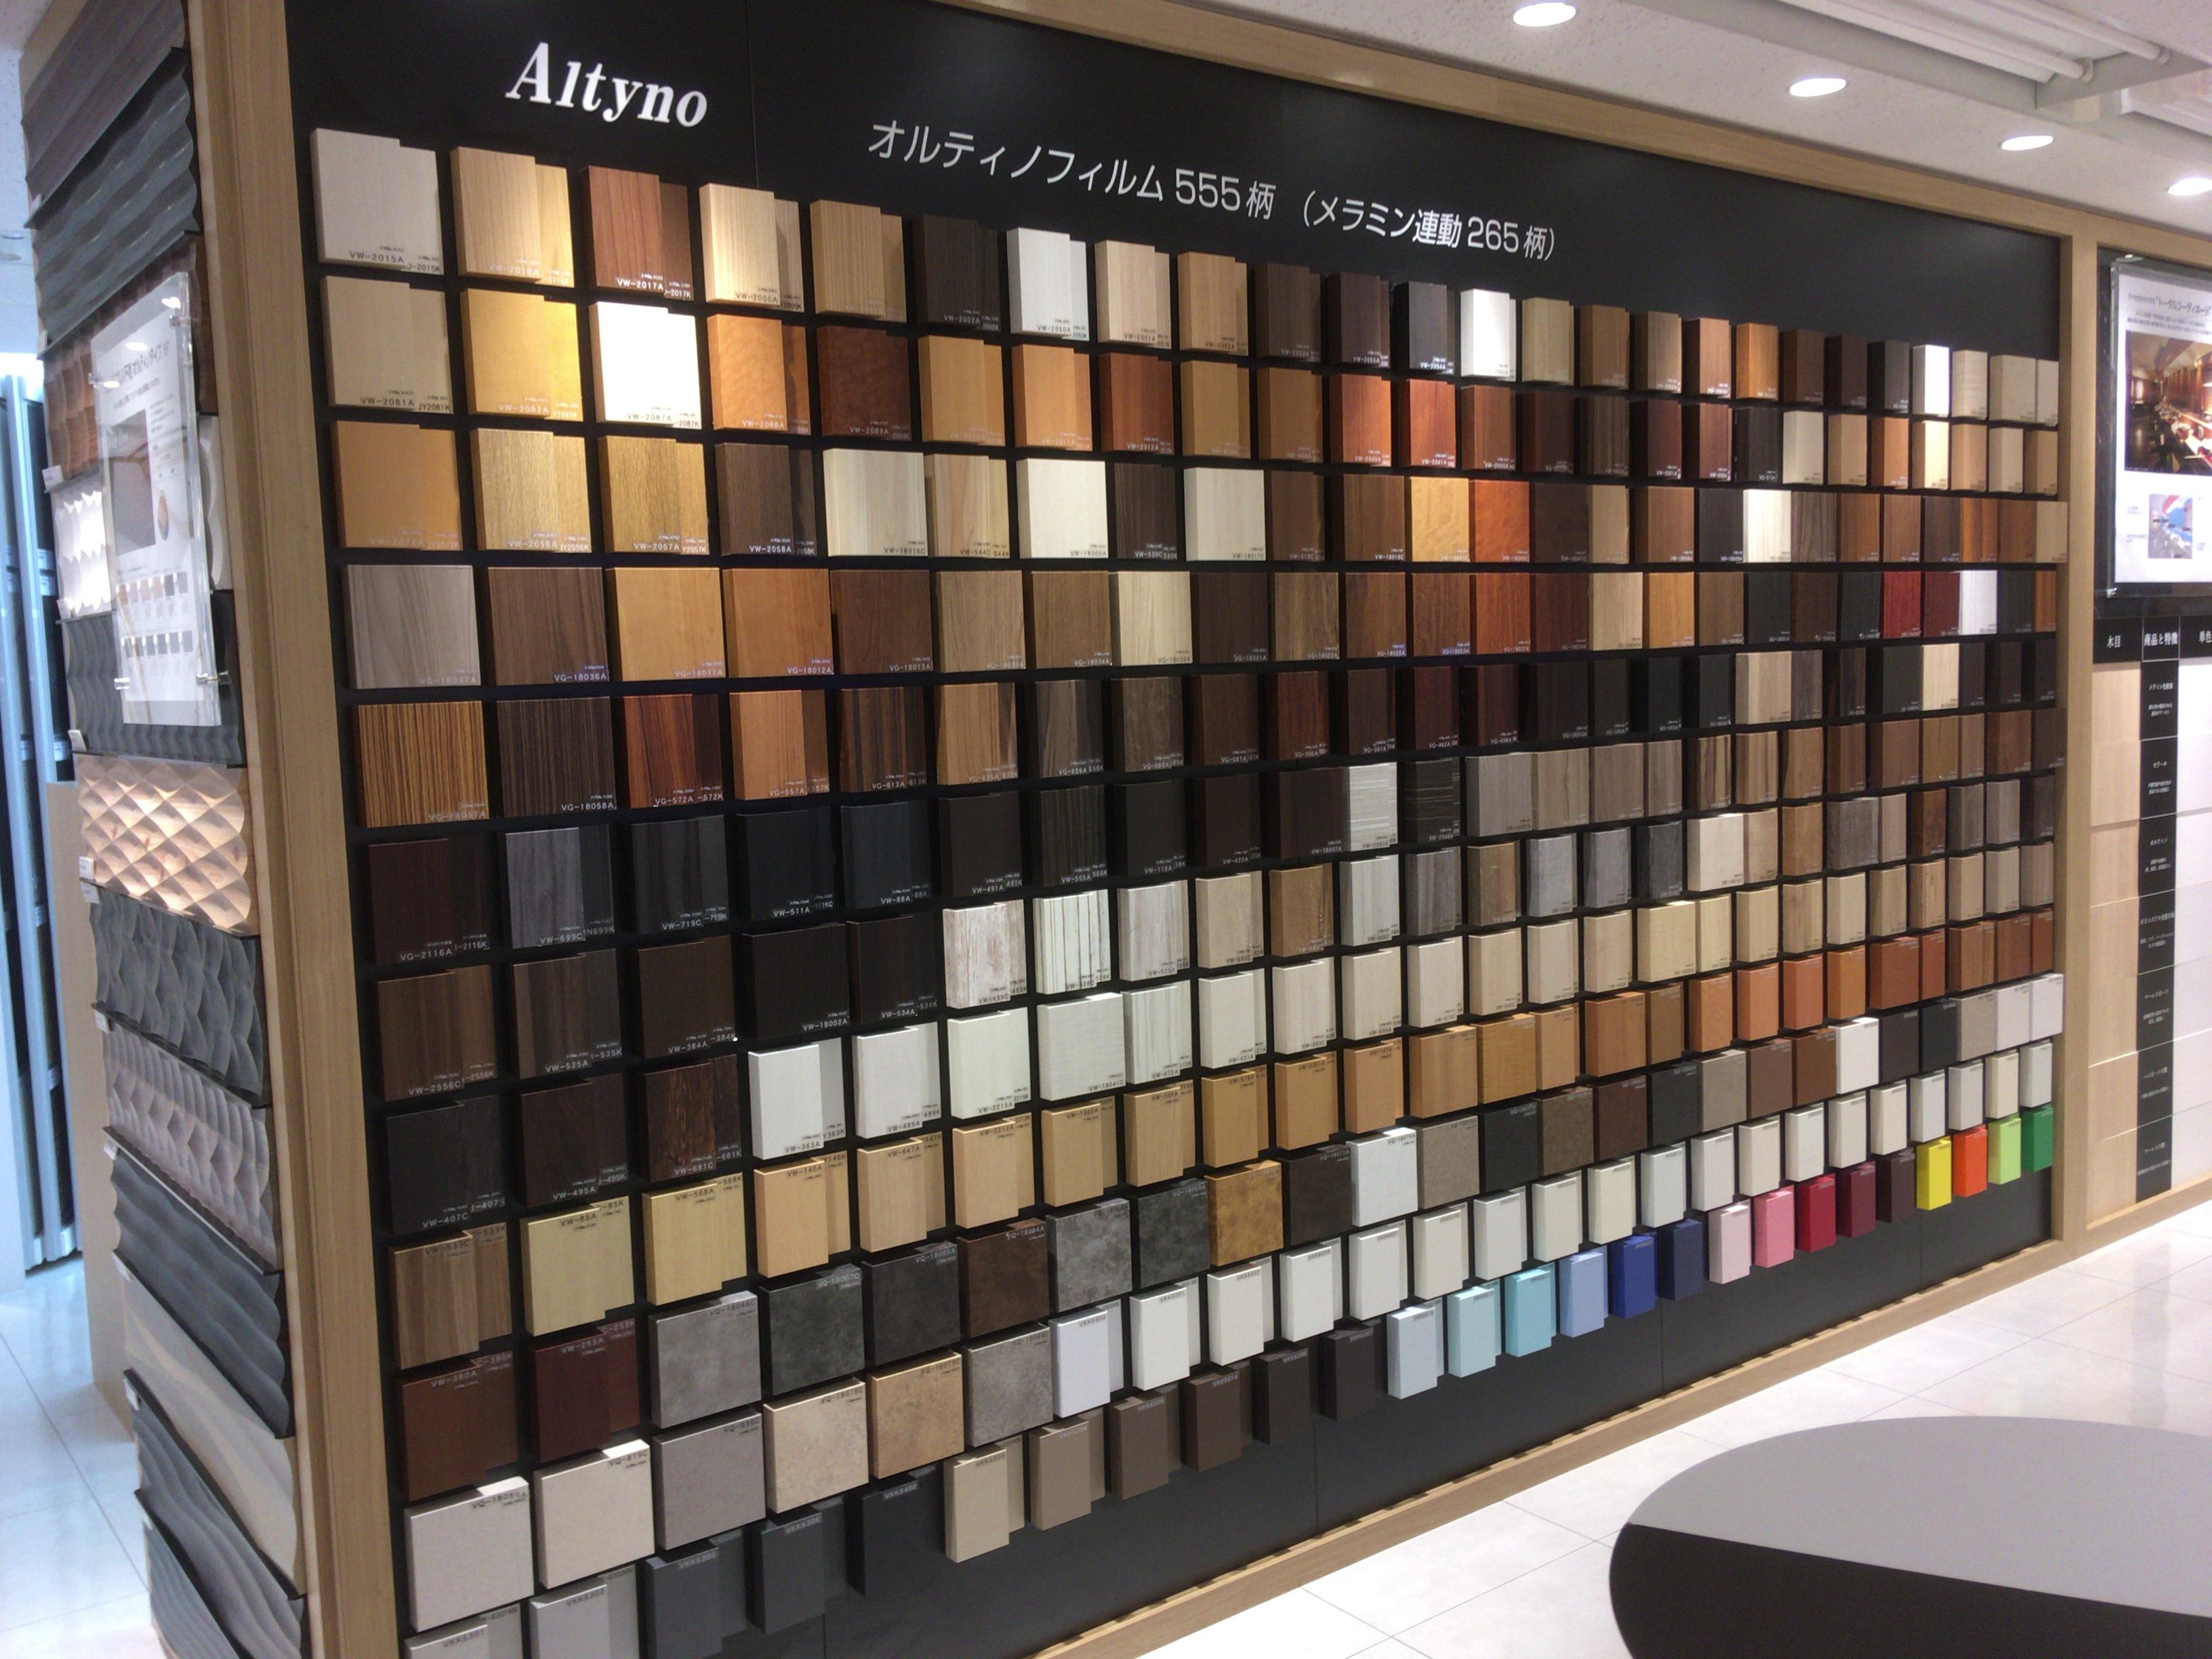 家具の化粧板を選びには新宿アイカショールーム。豊富な化粧板の種類が壁一面に